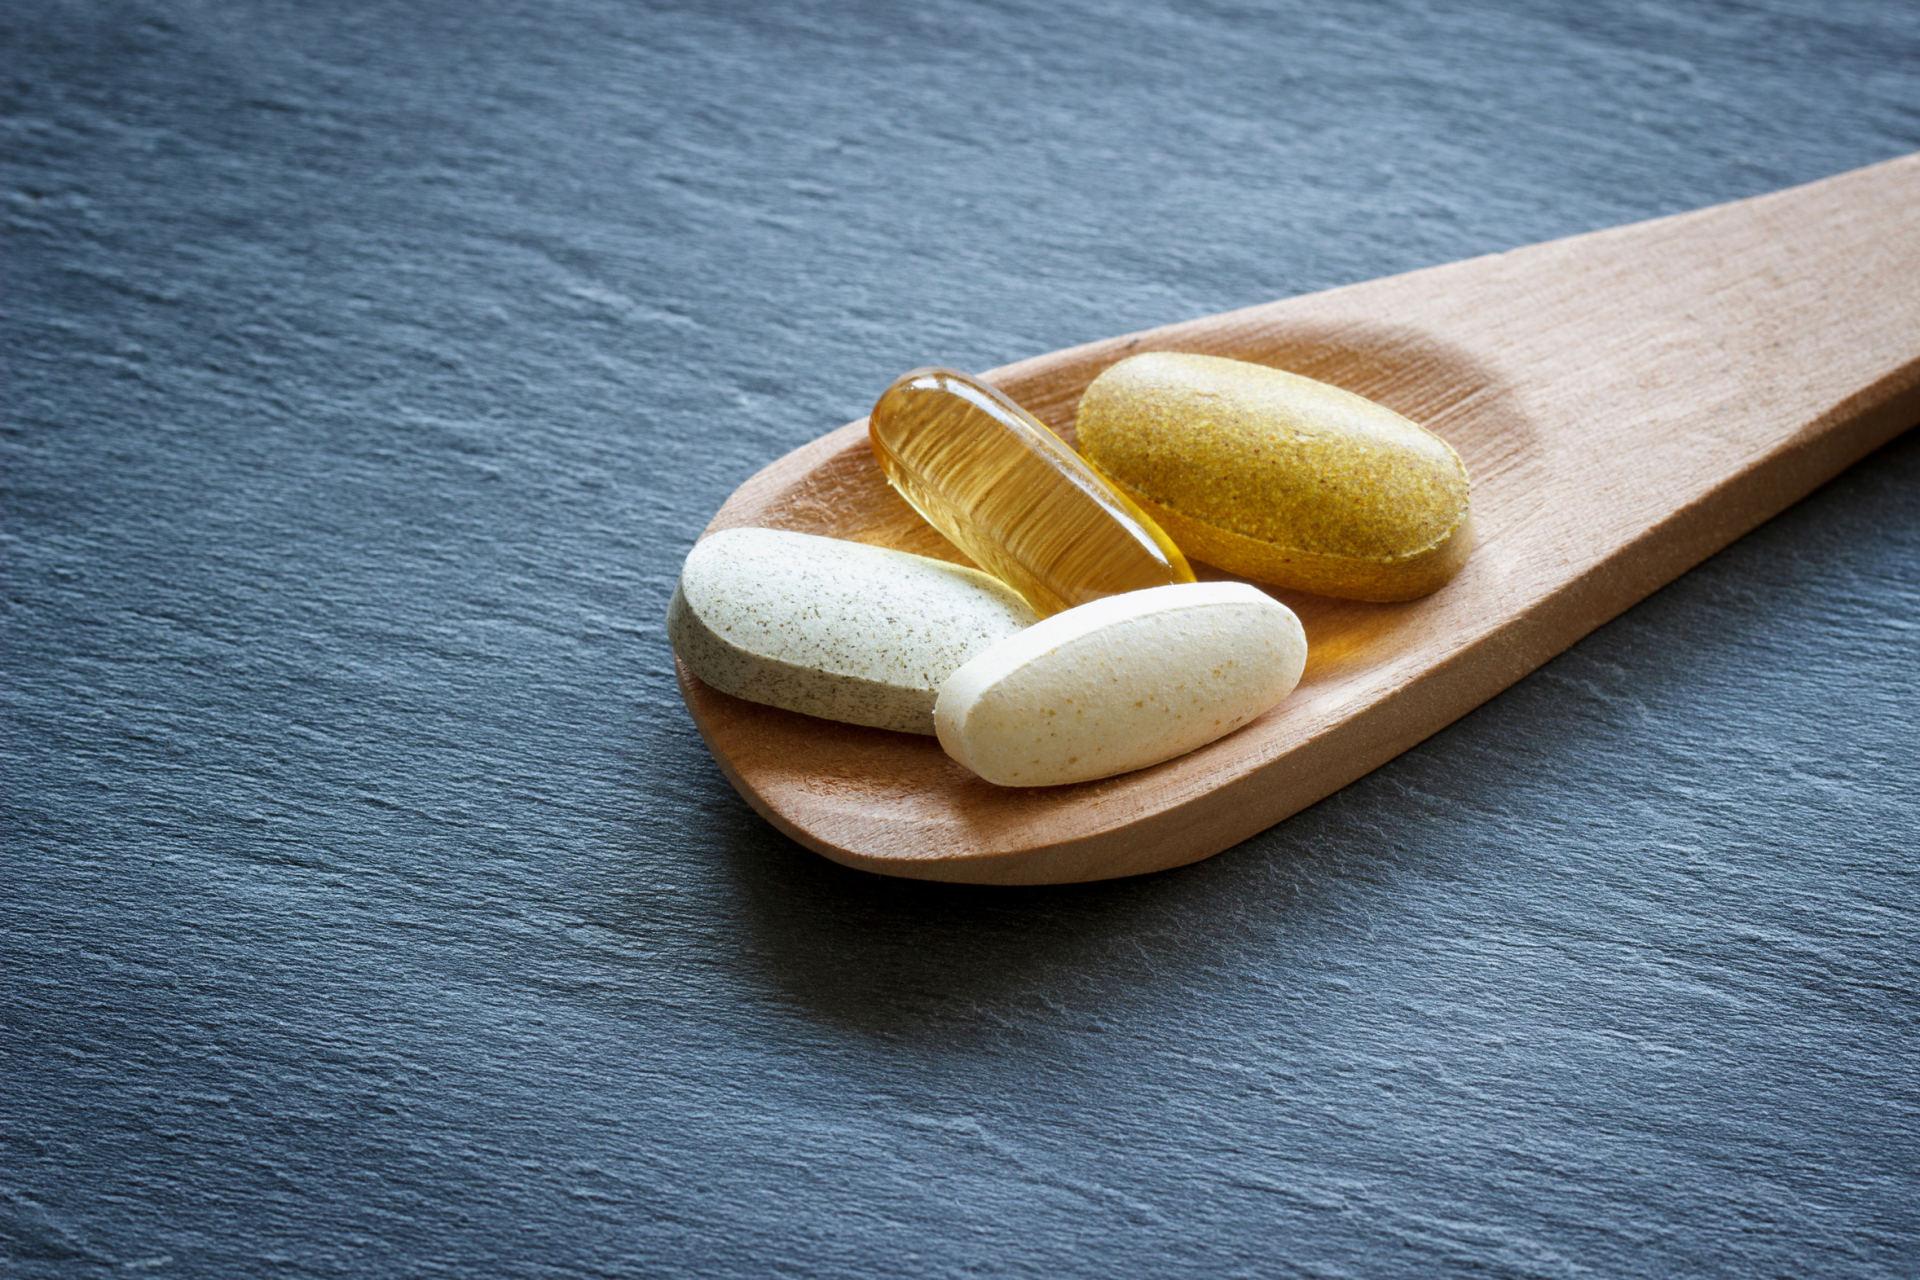 Įvertinta maisto papildų su omega-3 sudėtis